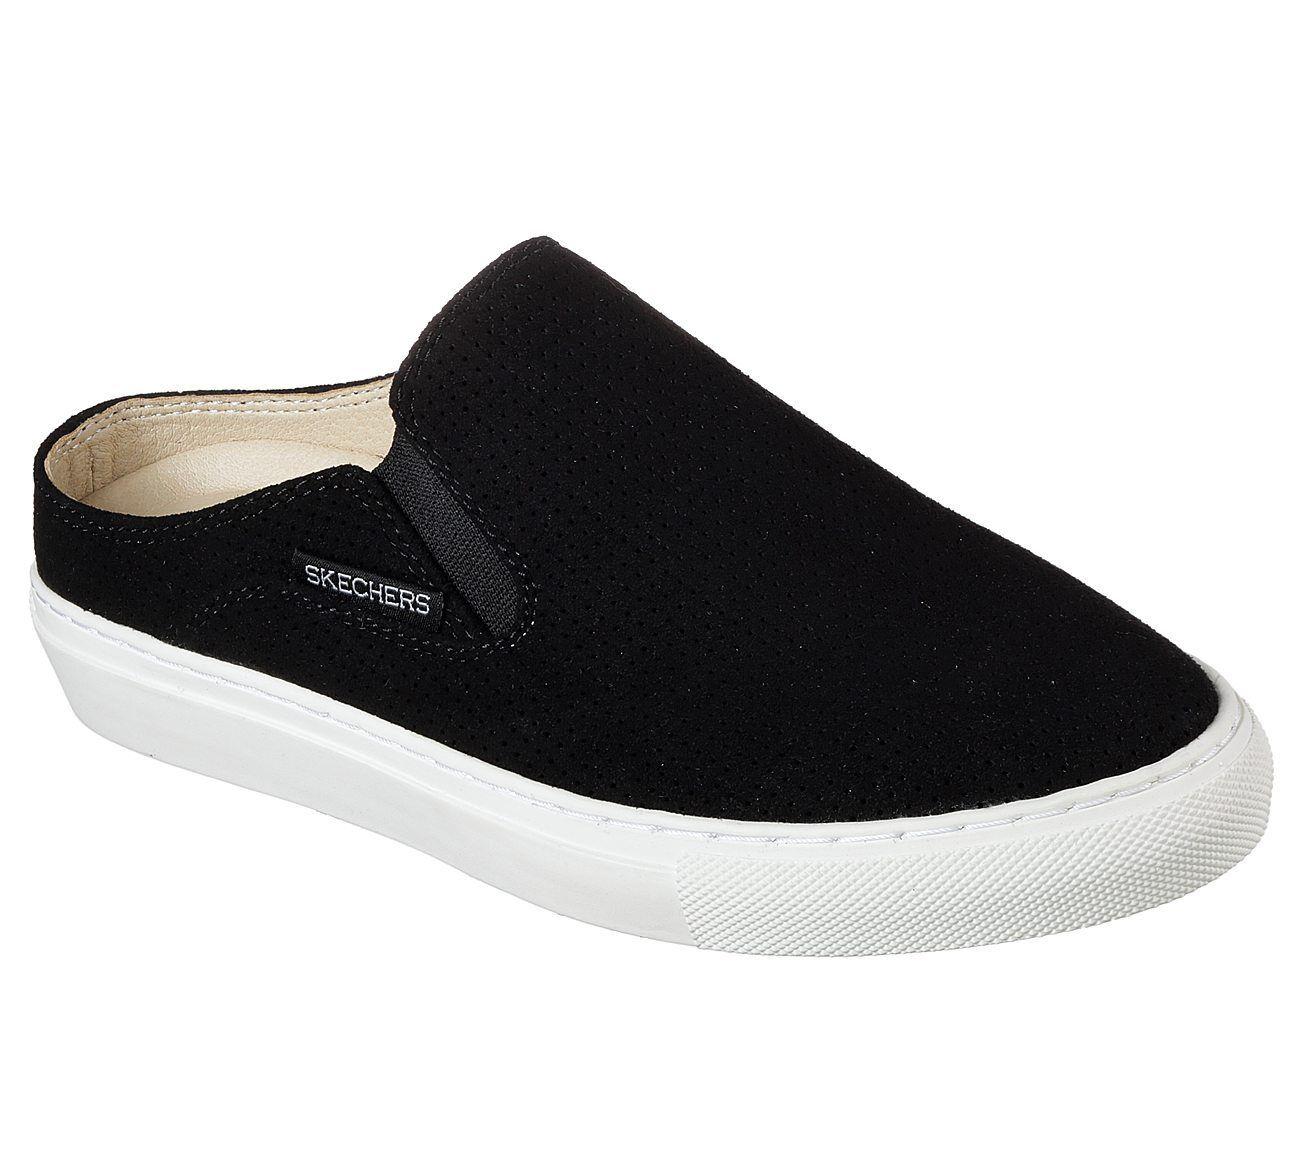 Skechers Women's Vaso Mitad Black 49745 BLK